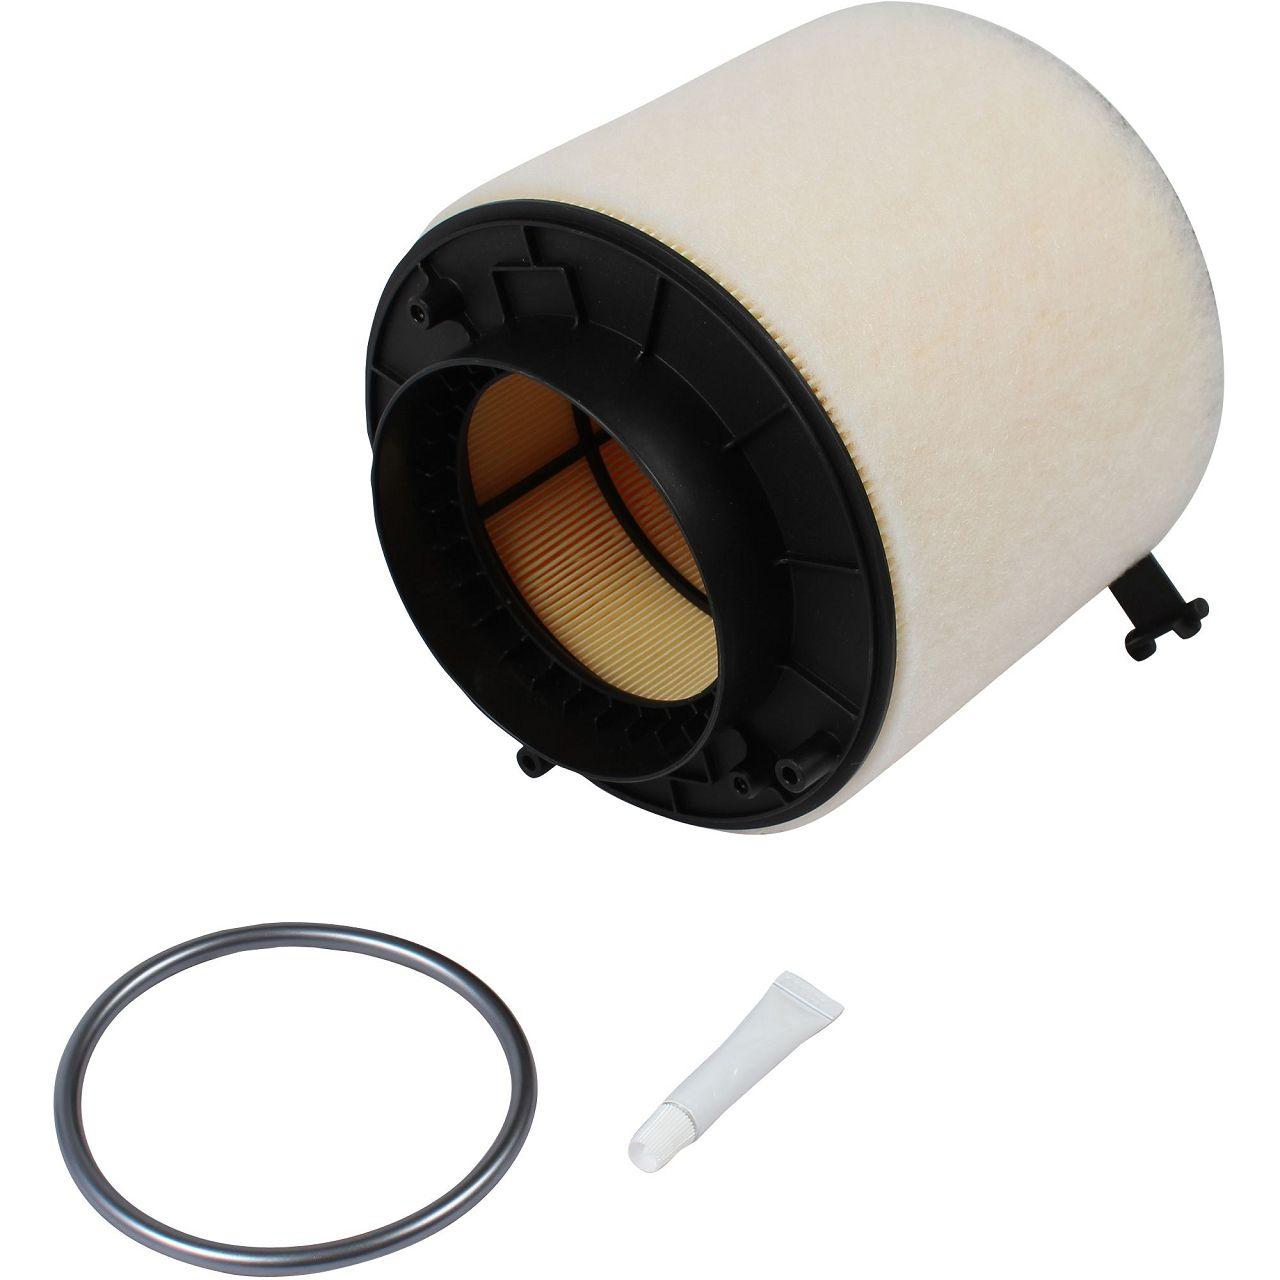 Inspektionskit Filterpaket Filterset für AUDI Q5 8RB 3.0 TDI quattro 211/240 PS